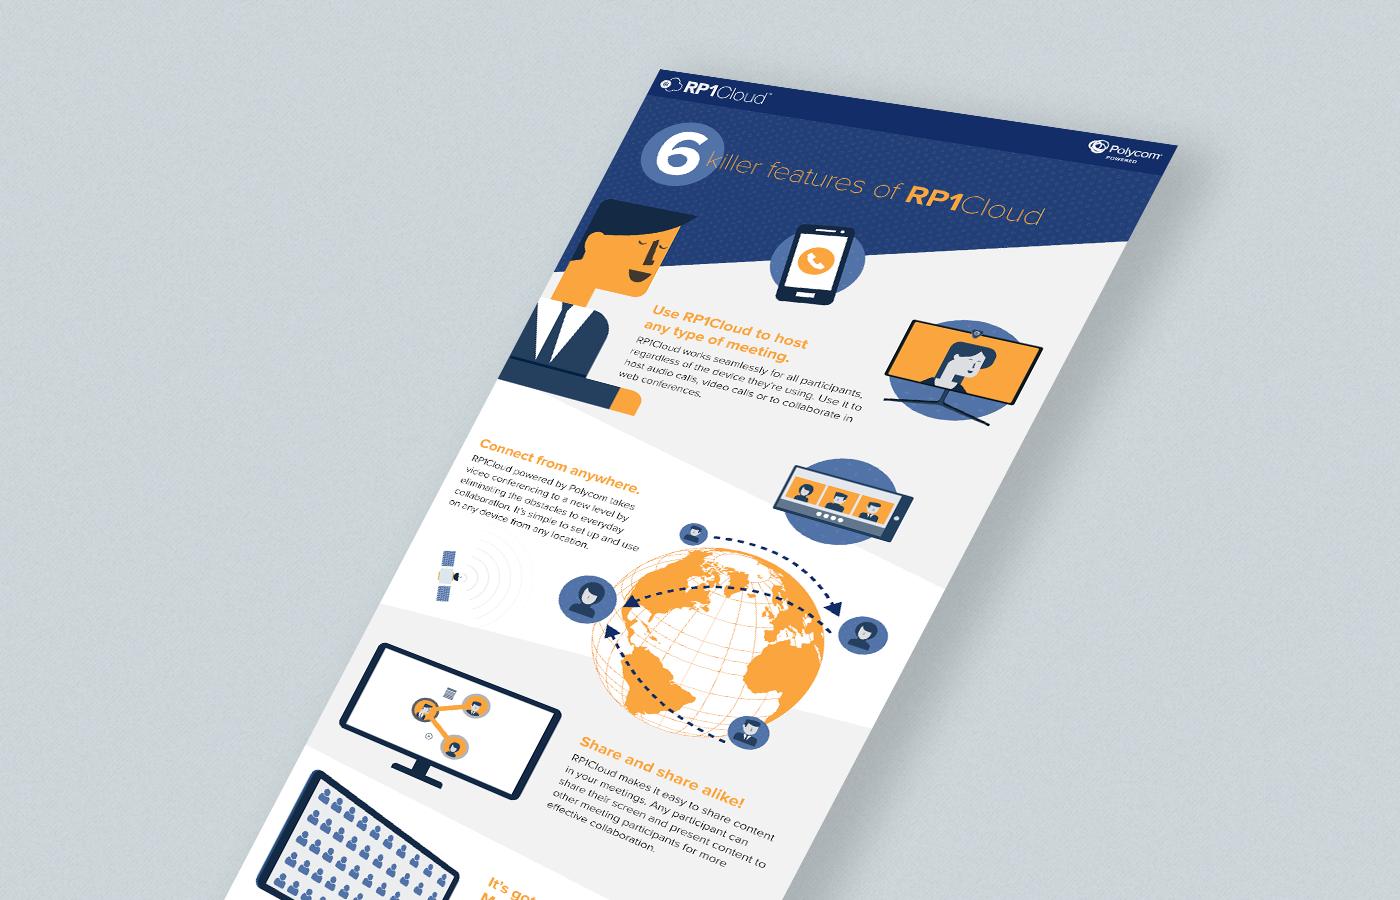 Infographic I designed for Polycom